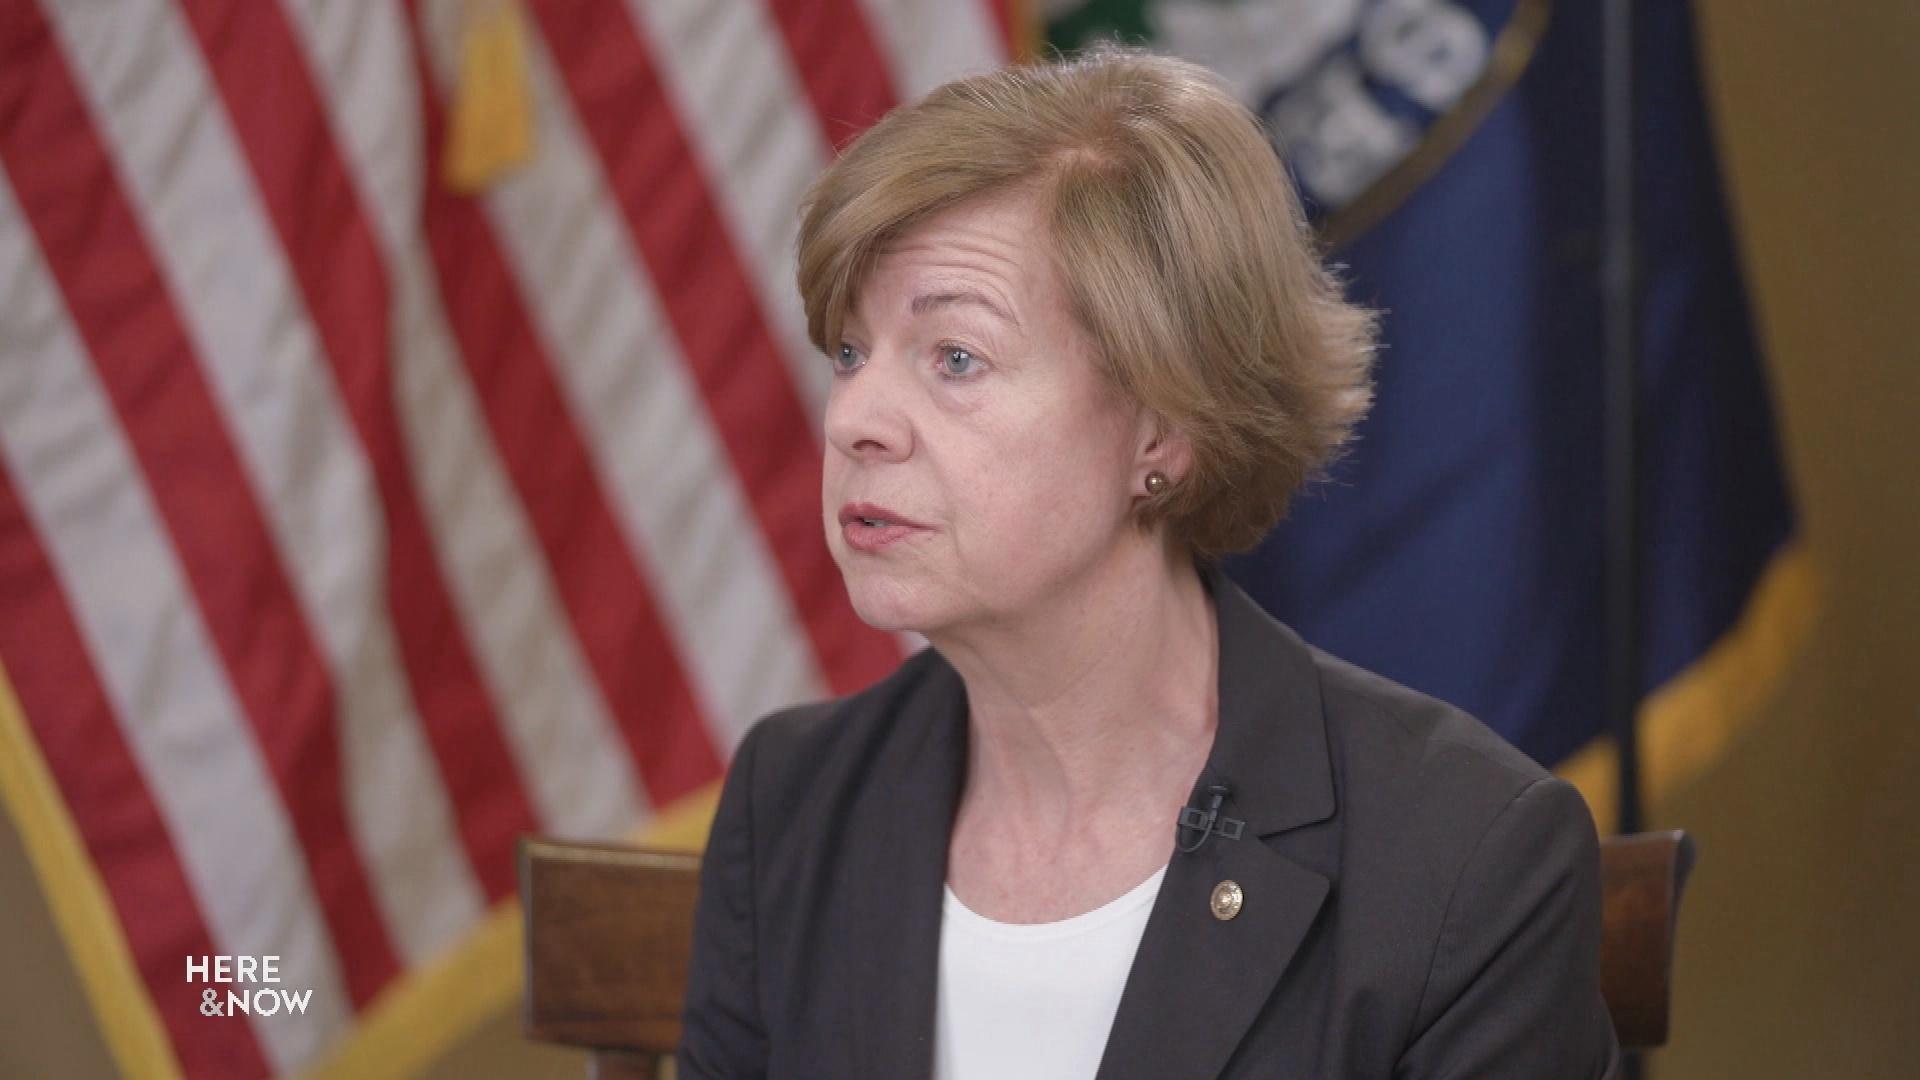 Baldwin's Response to Coronavirus